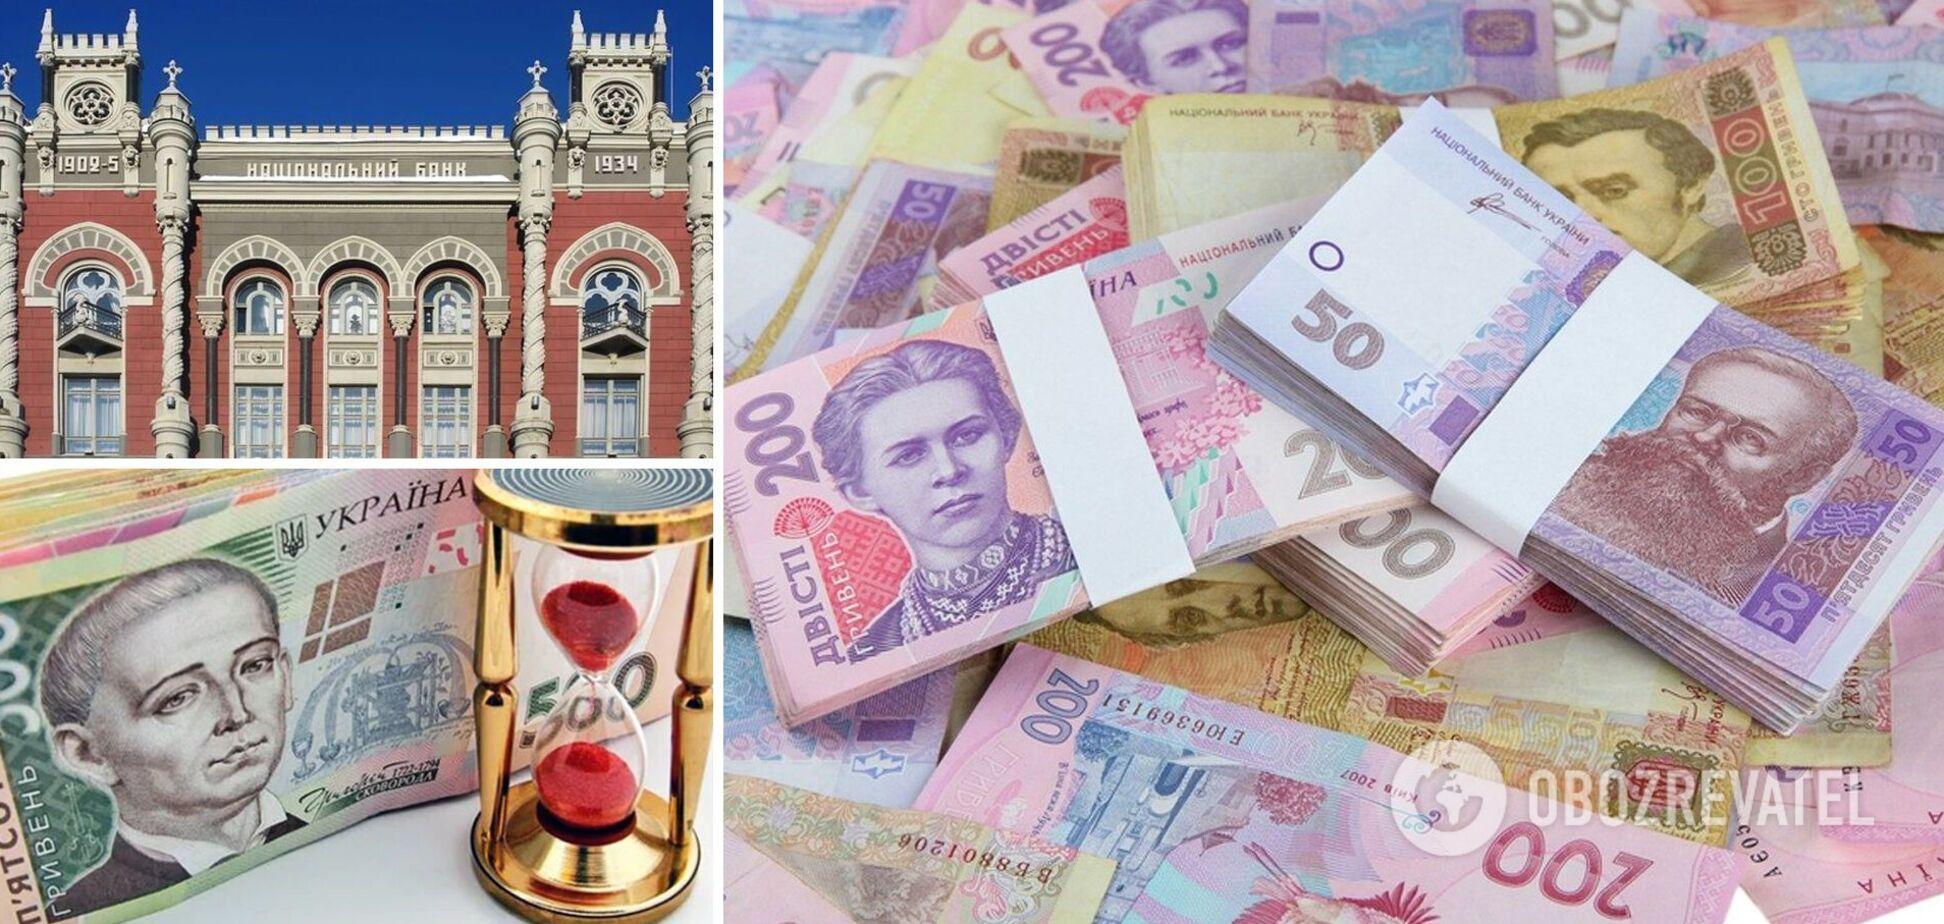 В Украине приняли решение по банкам-банкротам: за убытки заплатят миллиарды